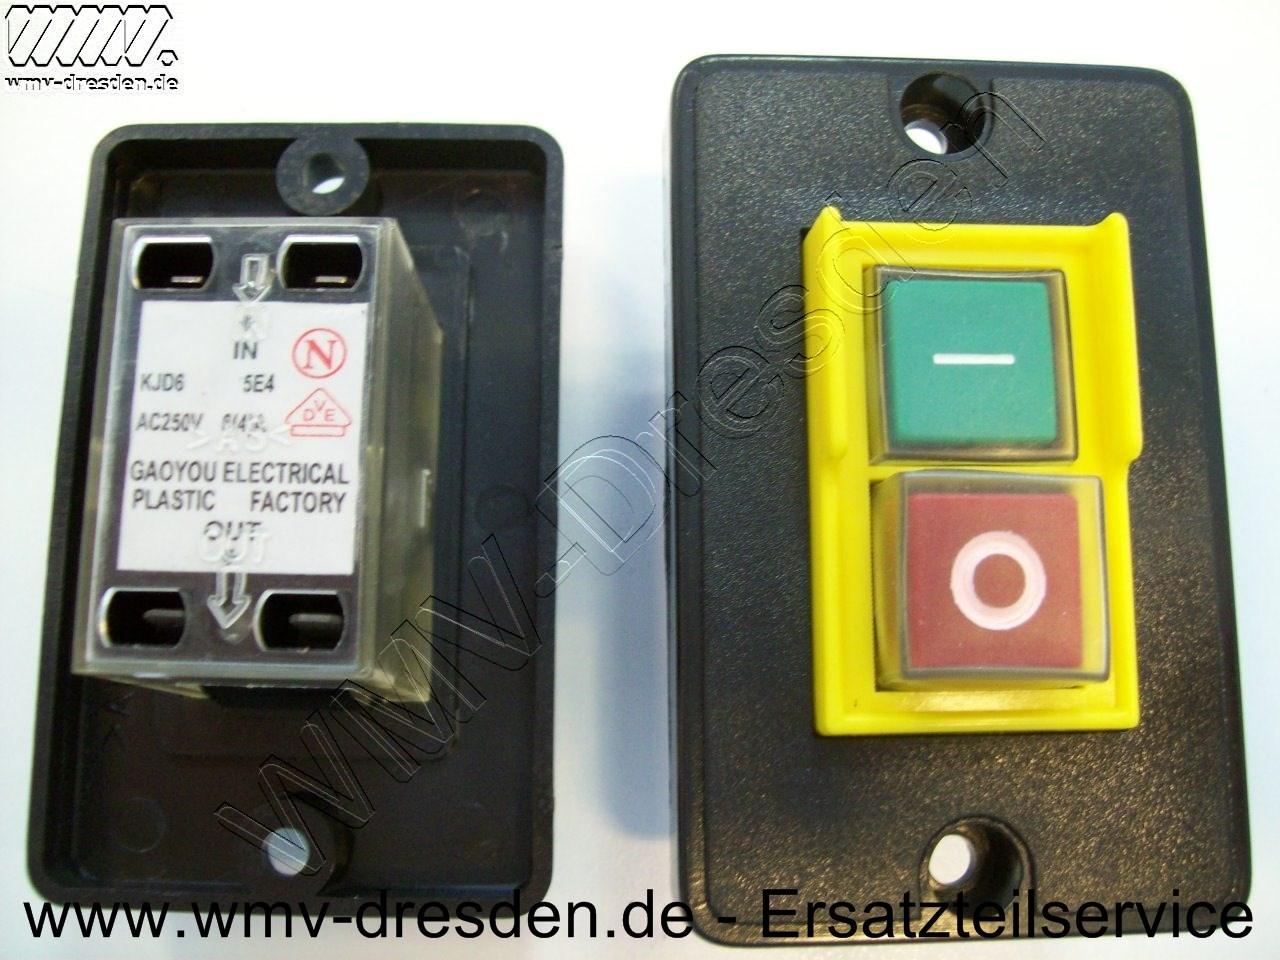 Schalter, z.B. für TTB-16/500 - nach Abverkauf nicht mehr verfügbar >>> Artikel nicht mehr lieferbar